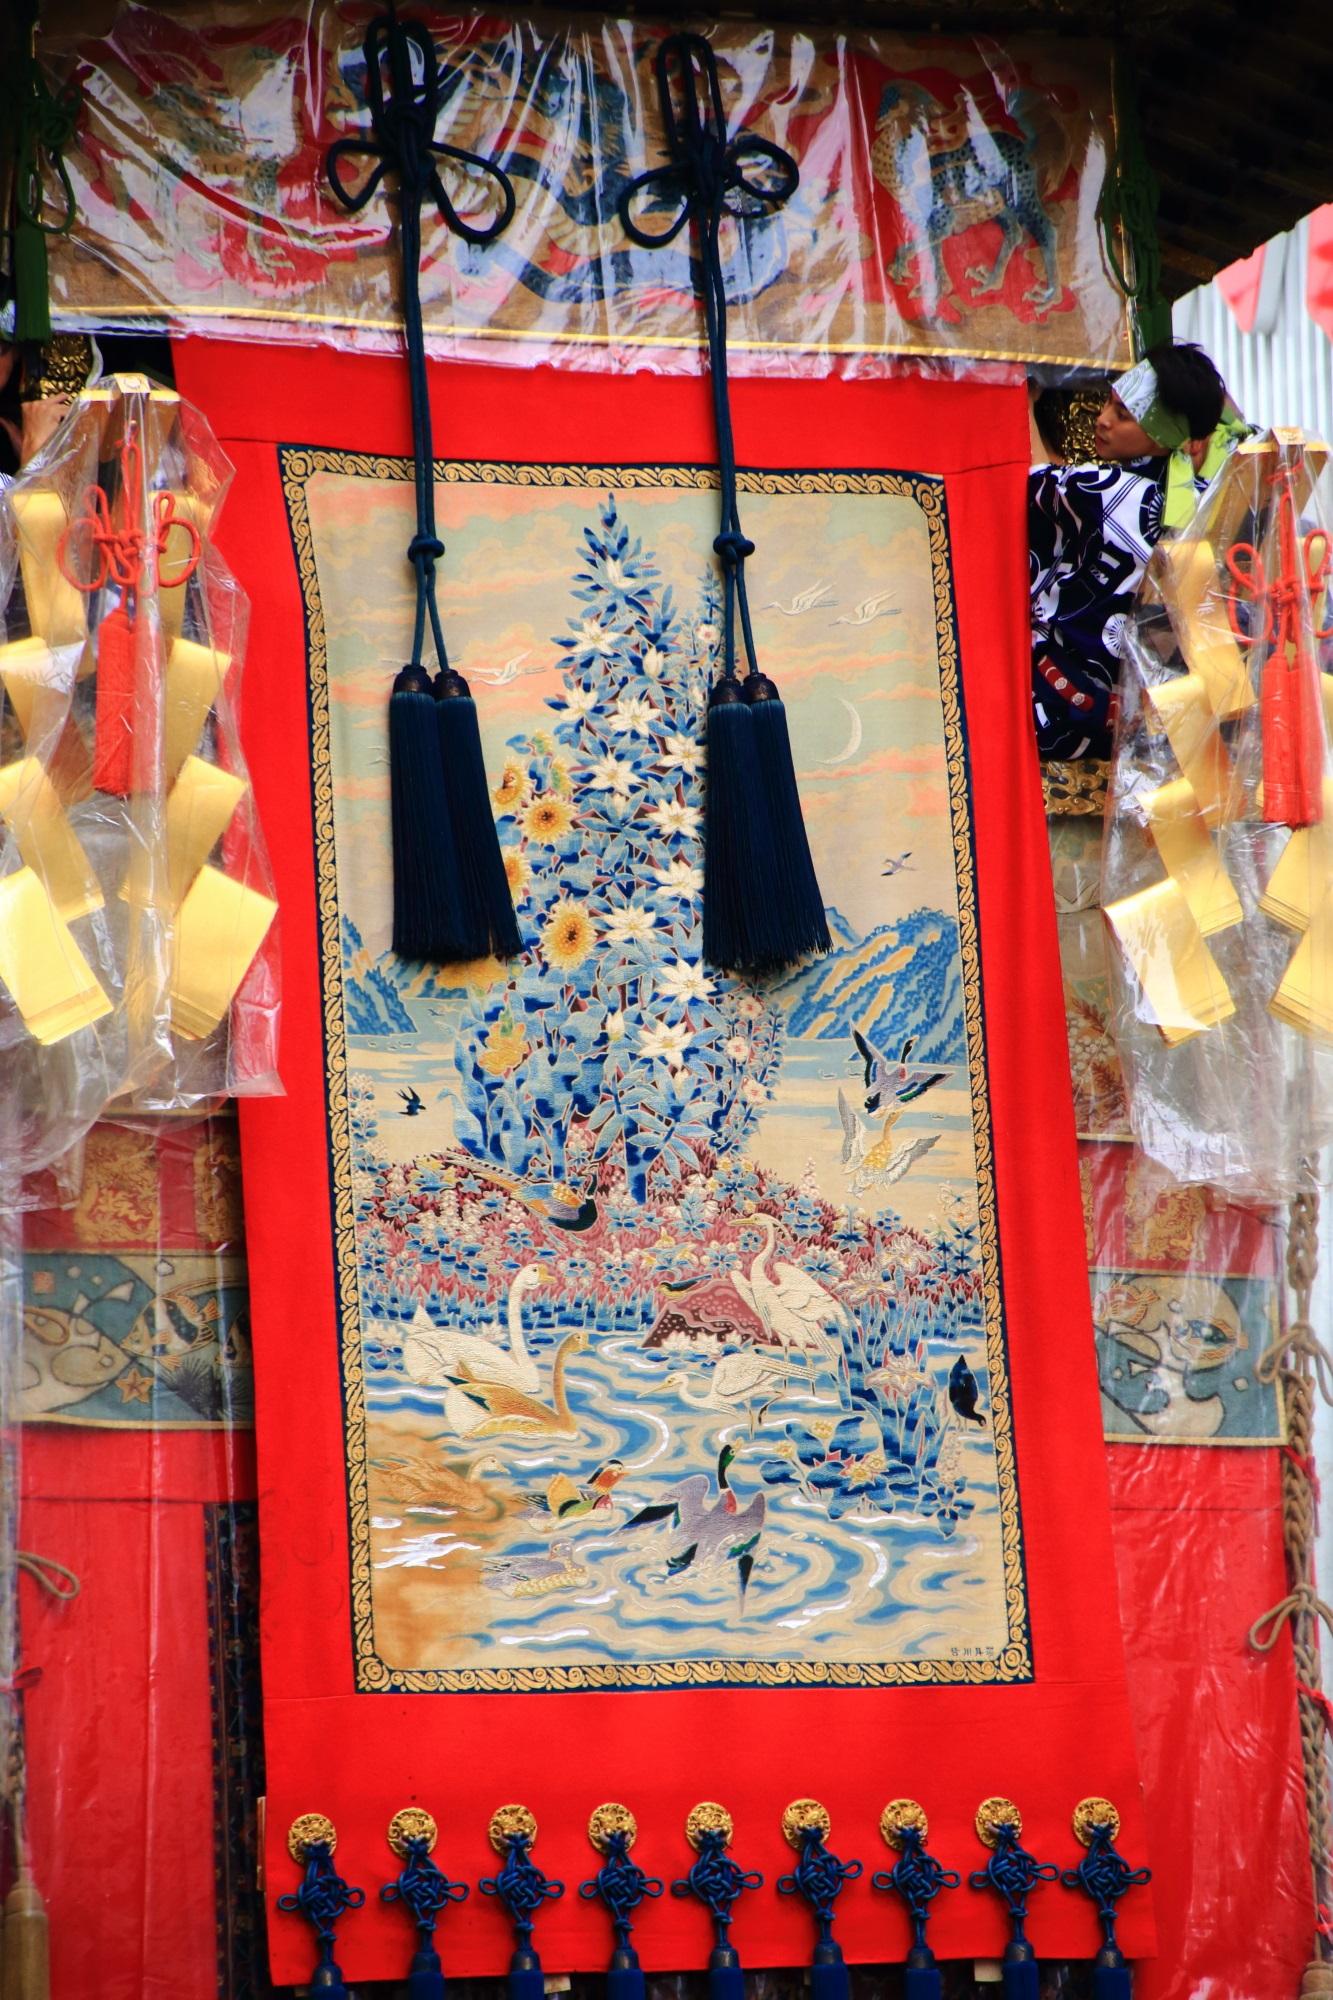 月鉾 見送り 祇園祭 山鉾巡行